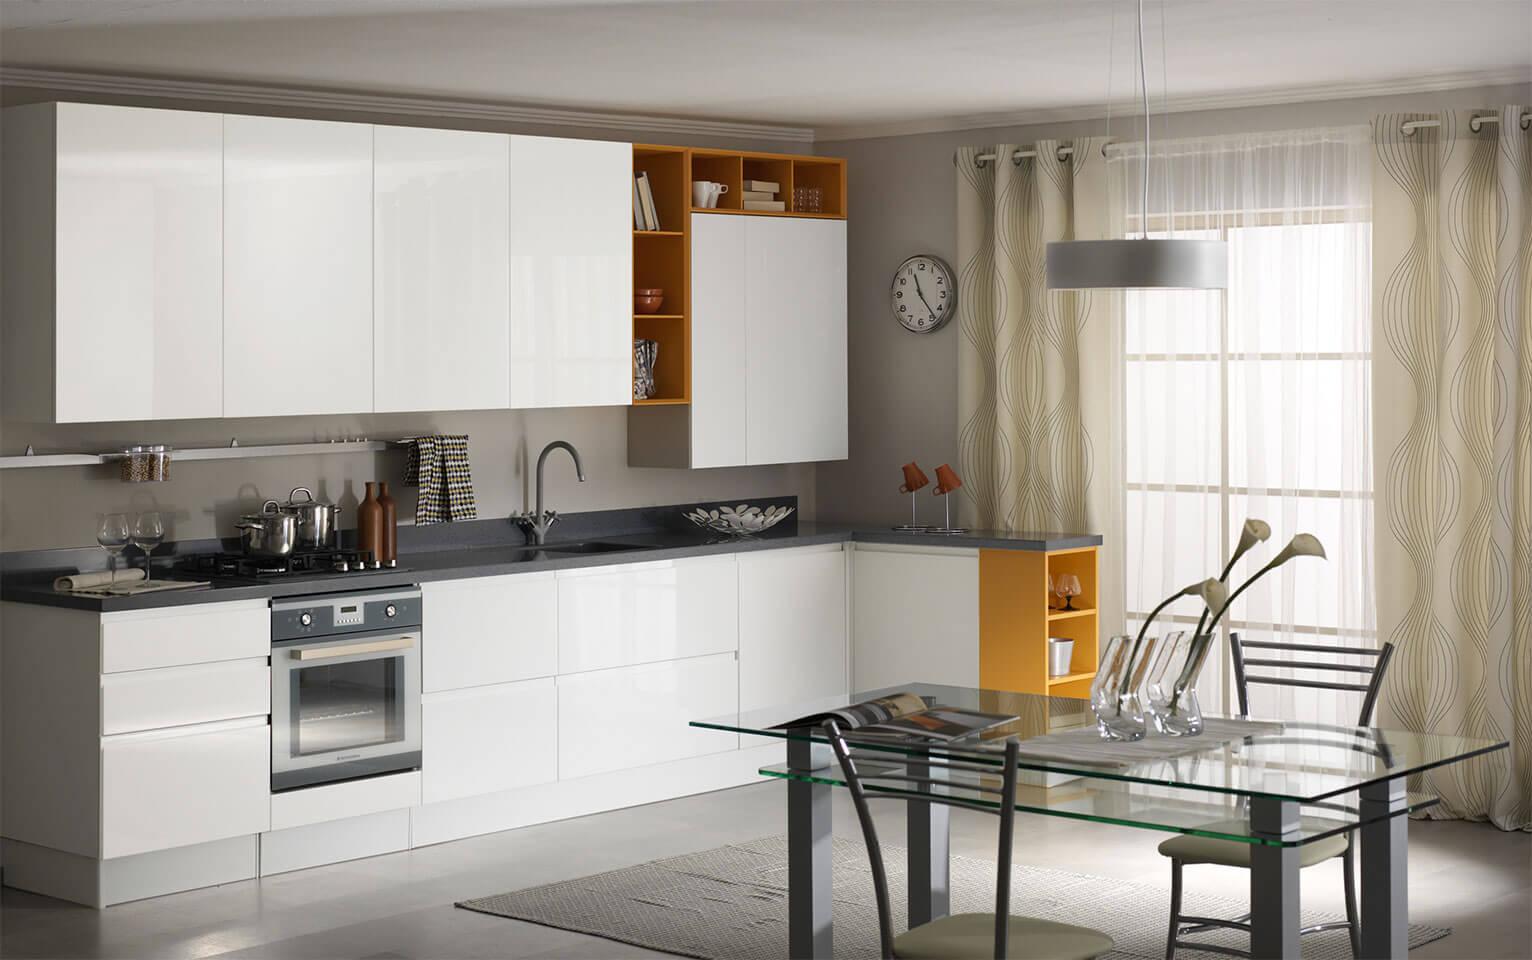 Дверцы для шкафа кухонного гарнитура: как навесить и отрегулировать?